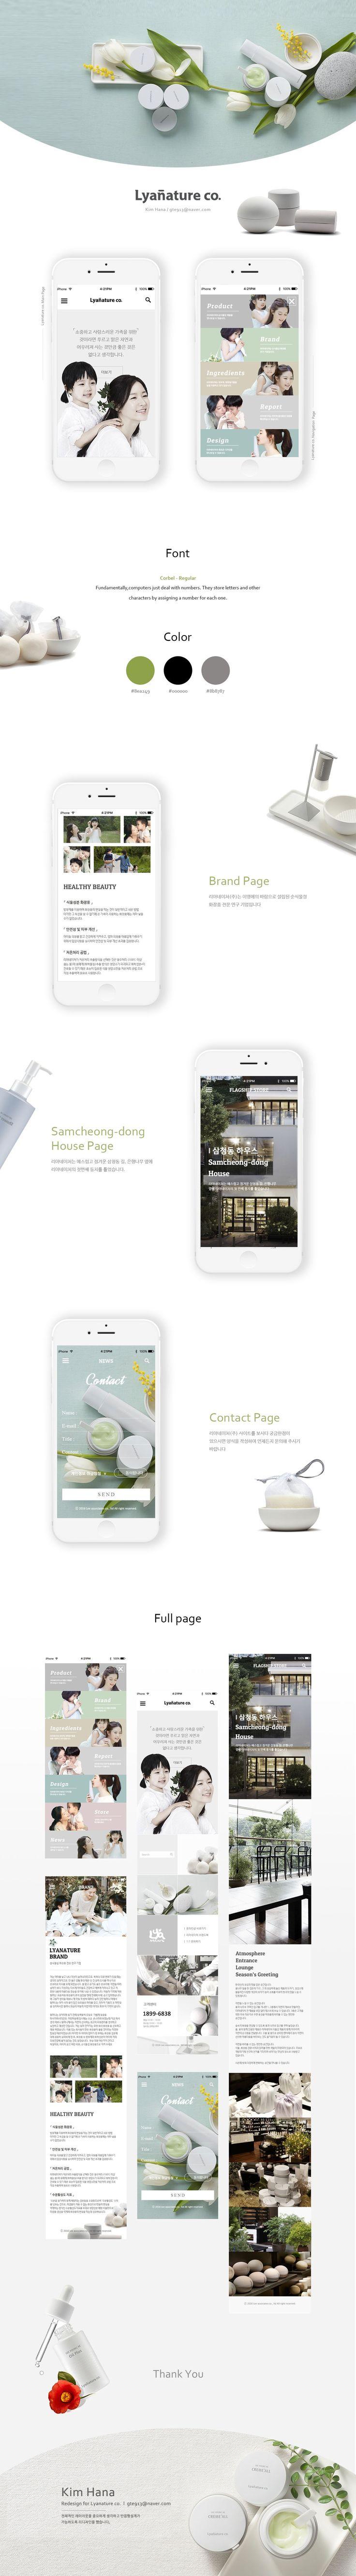 욱스웹디자인아카데미-Lyanature mobile Redesign - Designer - Kim-hana on Behance